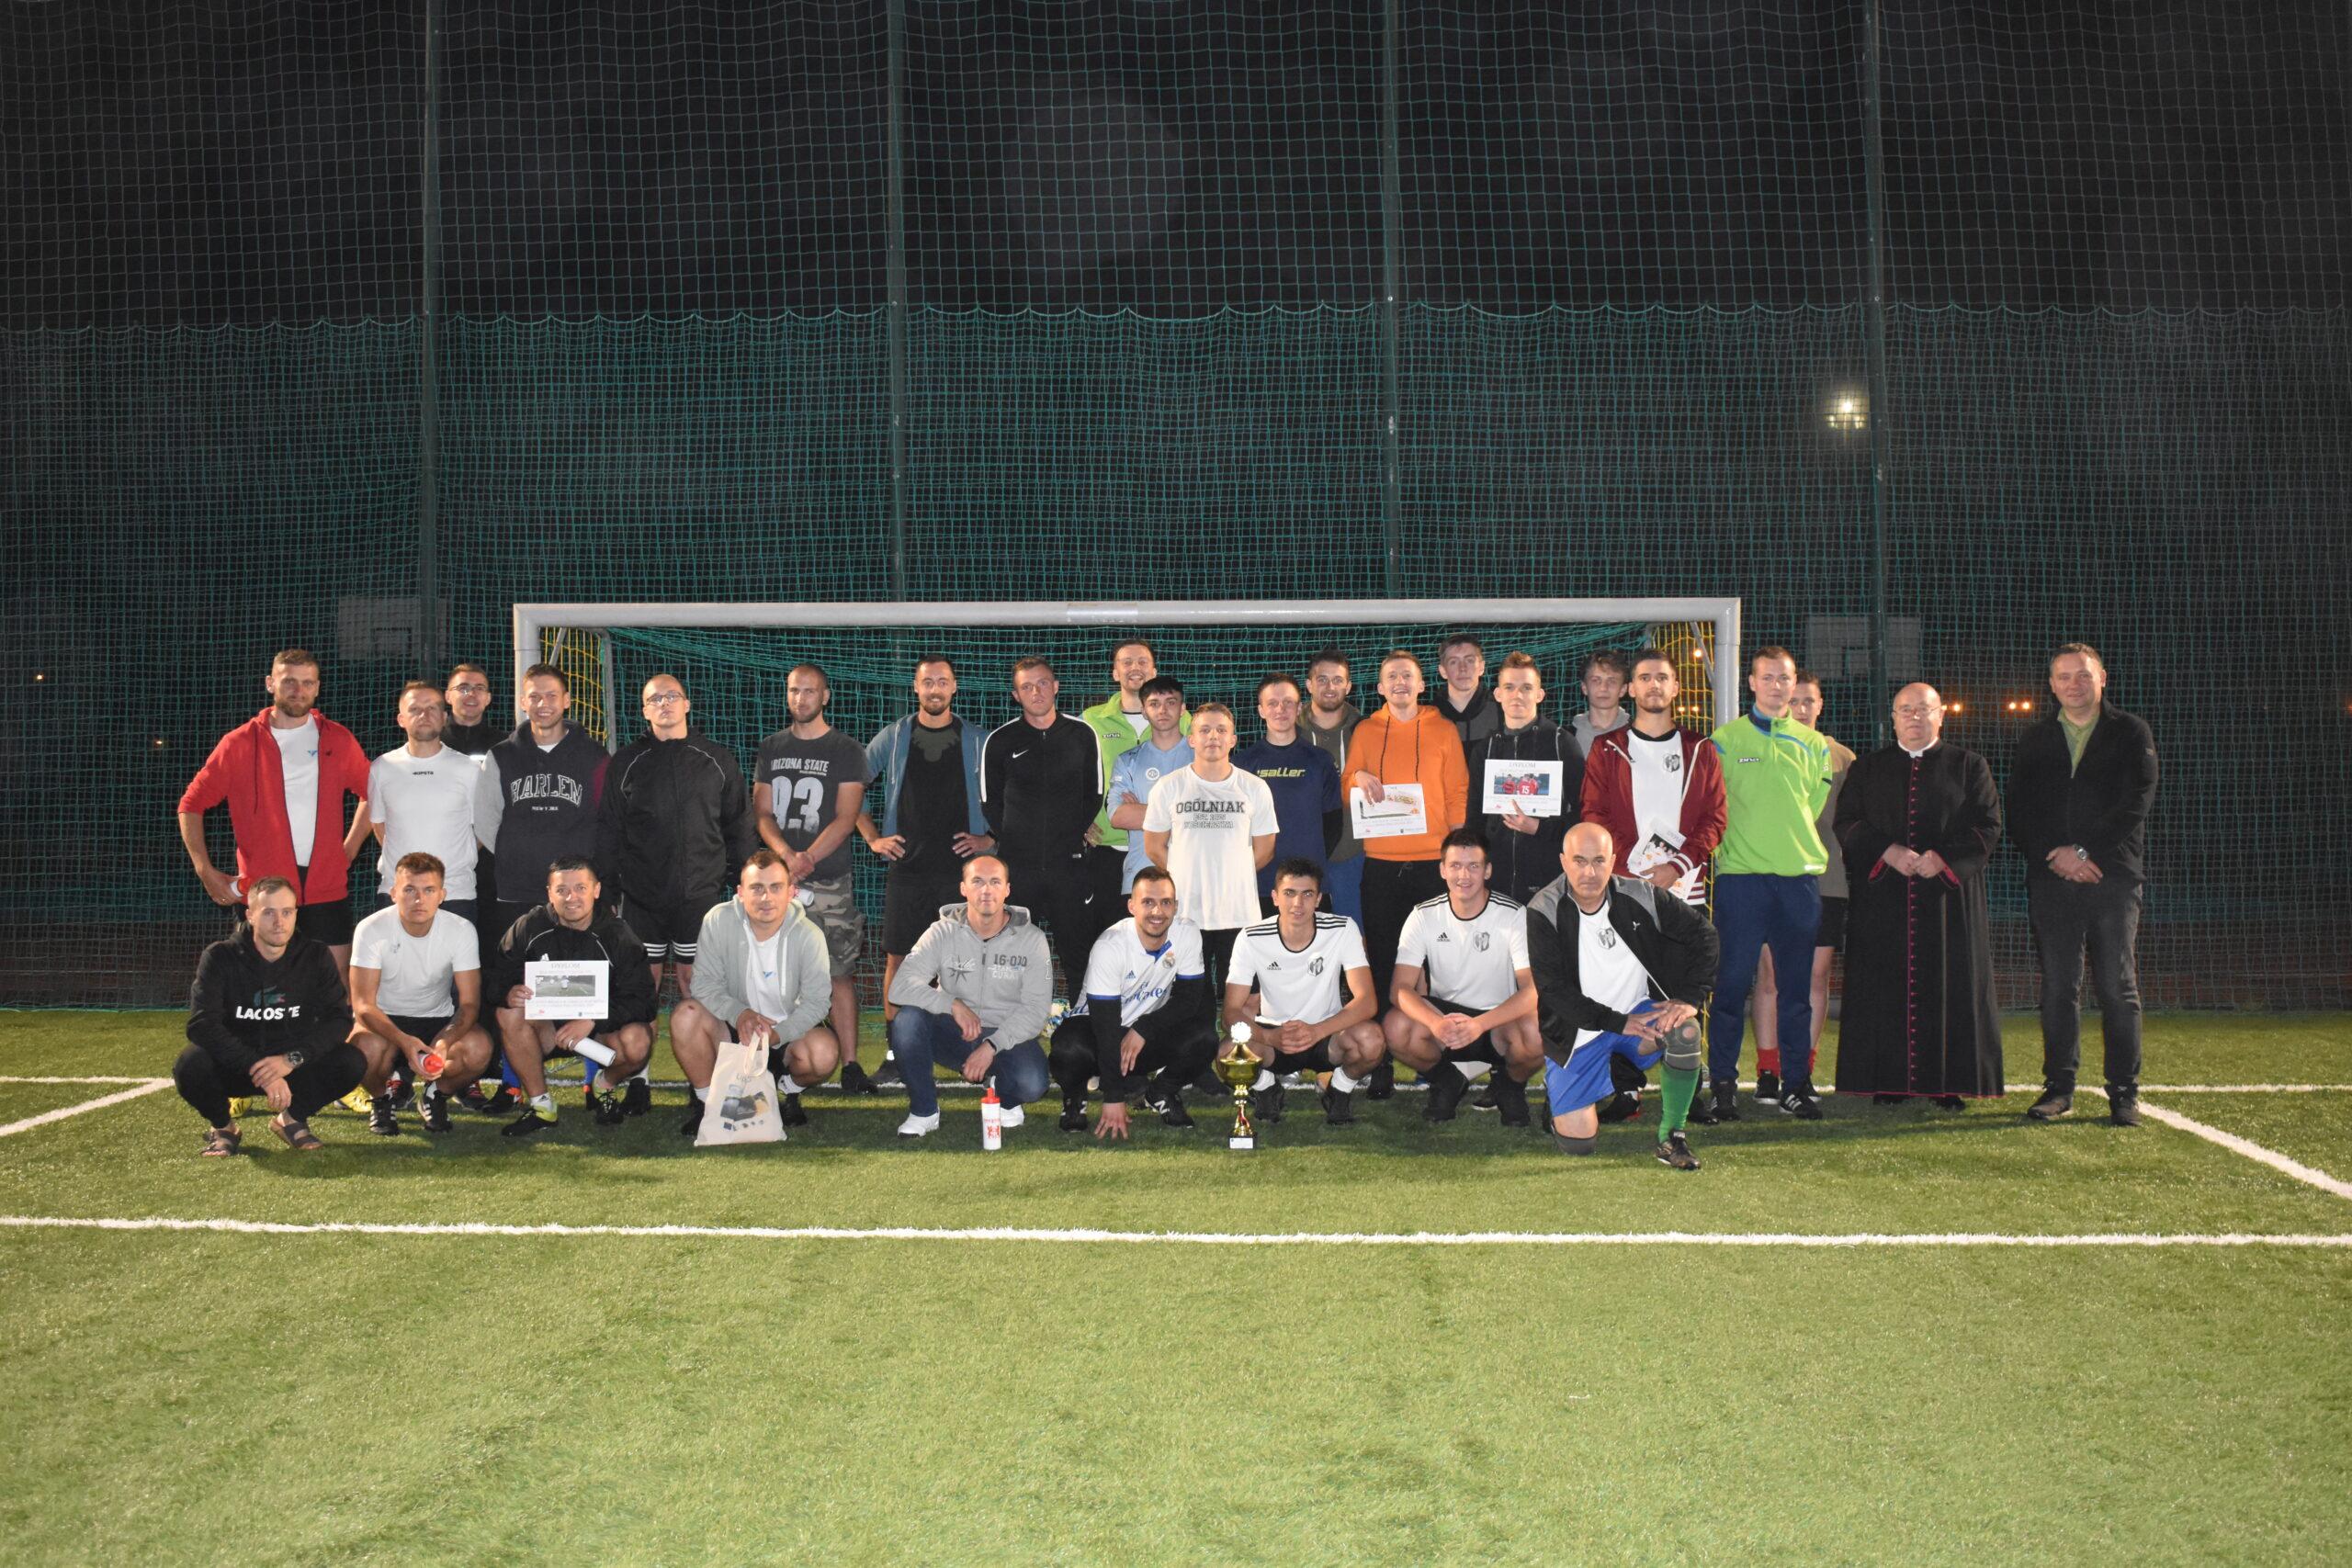 Zdjęcie grupowe zawodników uczestniczących w turniejach piłki nożnej z cyklu GP Lipusza 2021, na zdjęciu również wójt Gminy Lipusz Mirosław Ebertowski oraz ks. prałat Jan Ostrowski